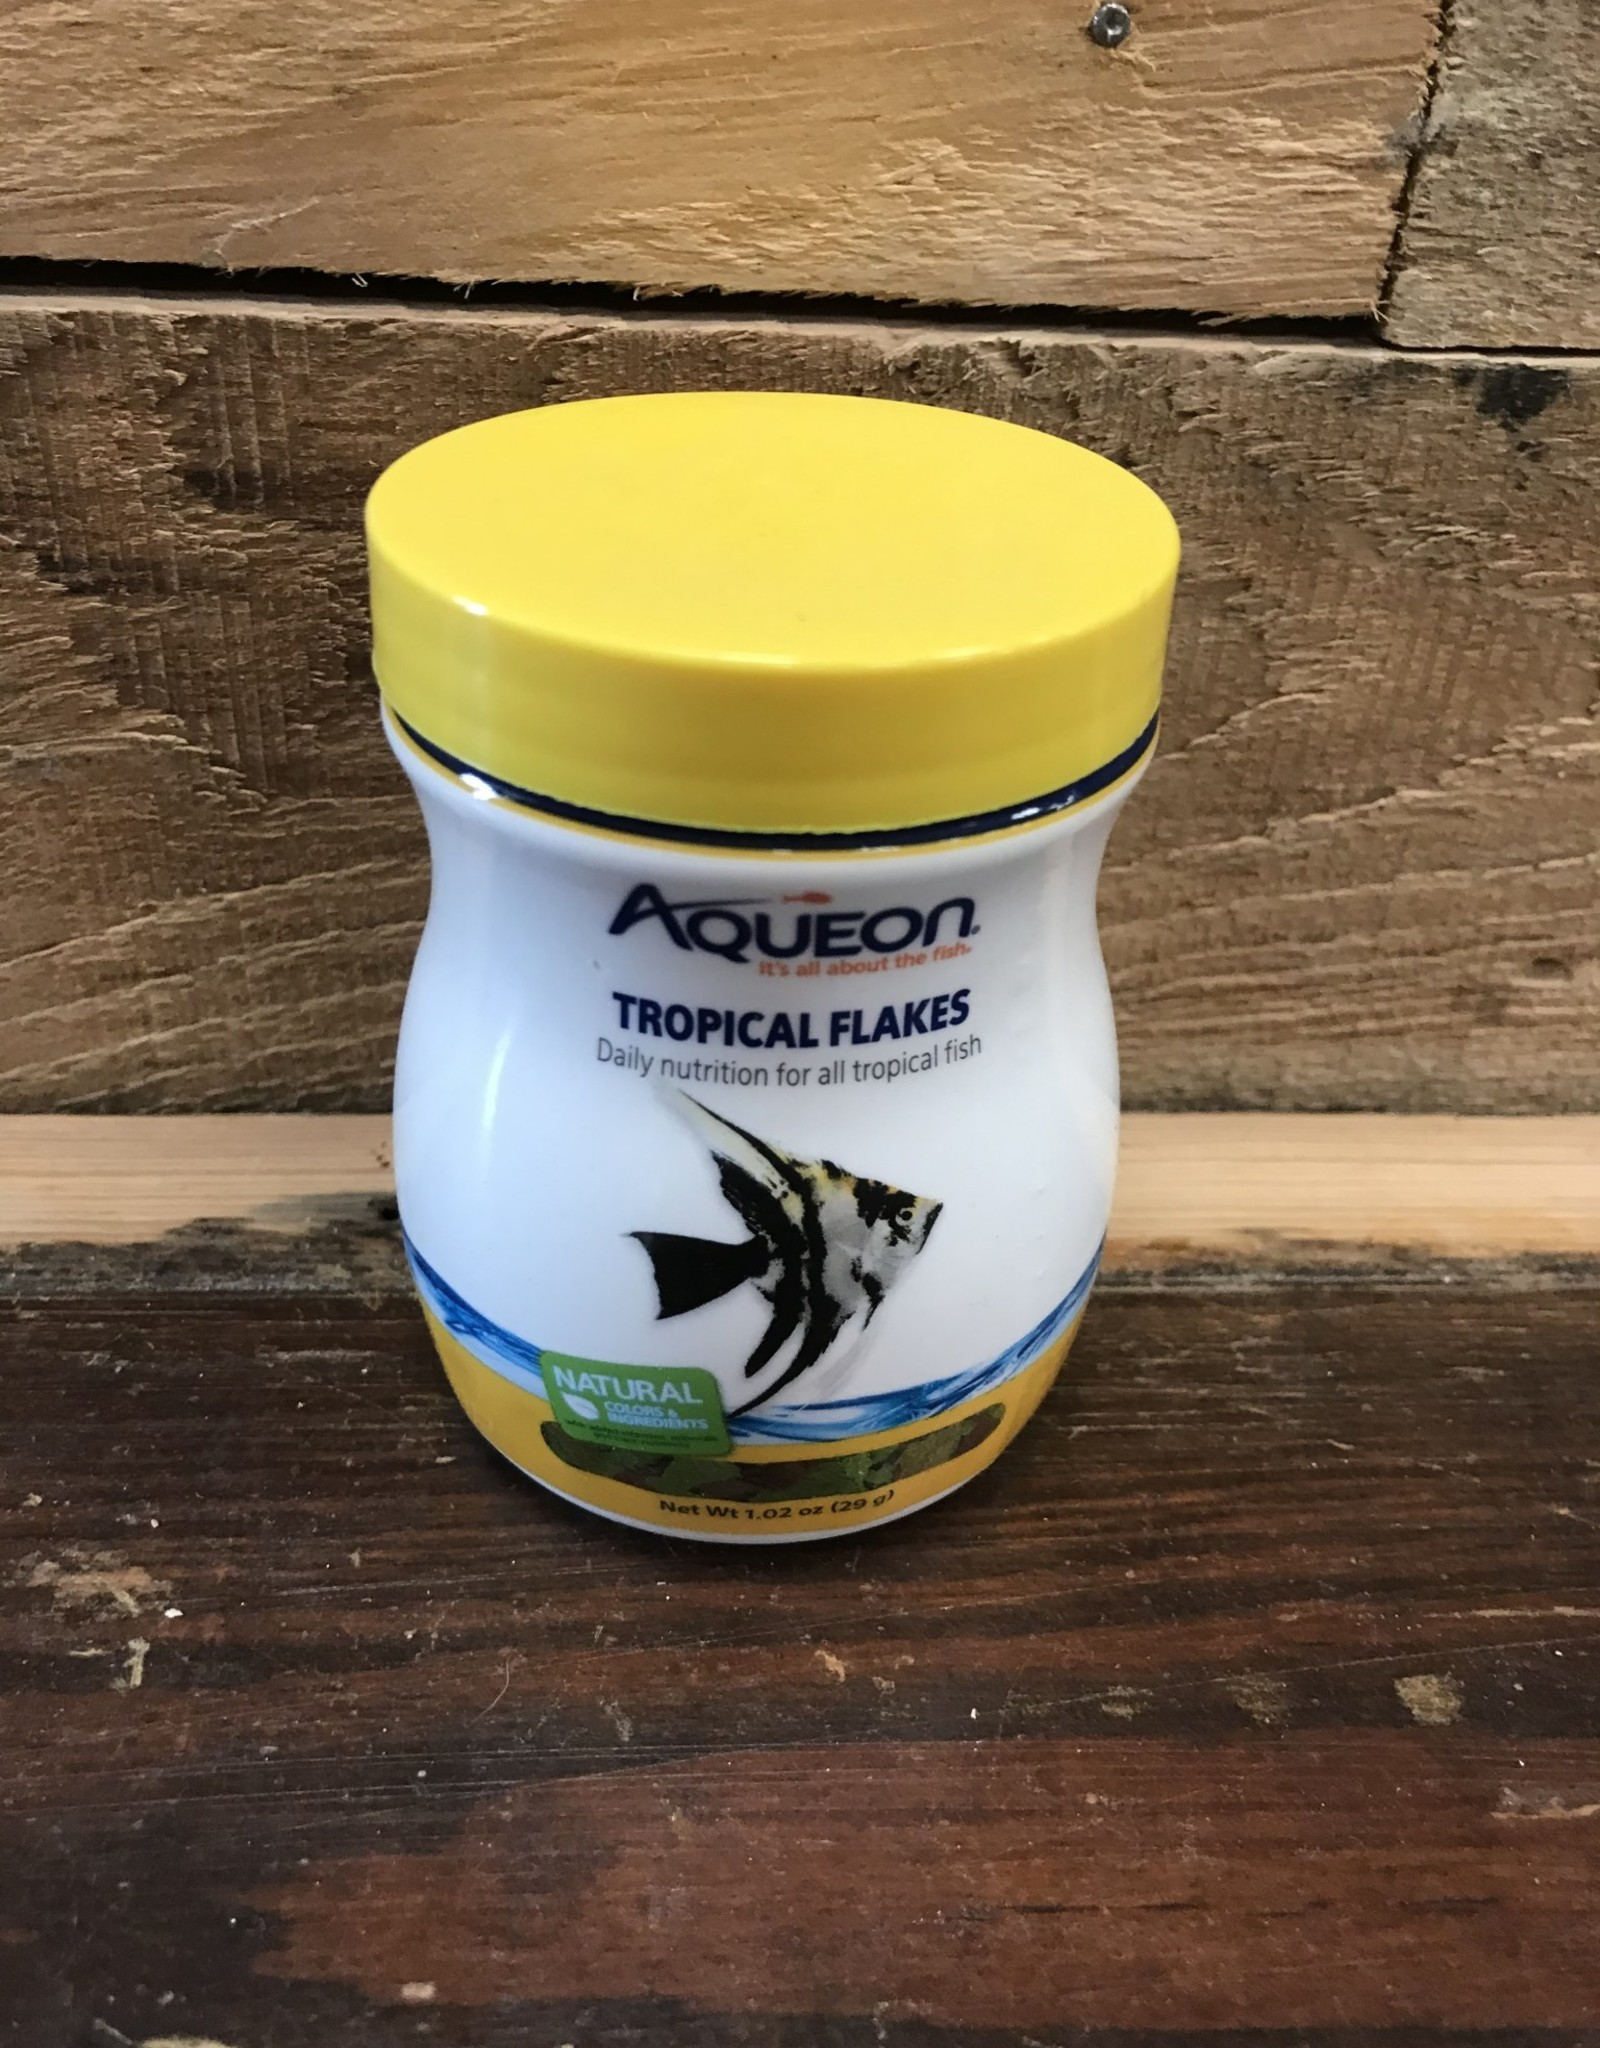 Aqueon Aqueon Tropical Flakes 1.02oz